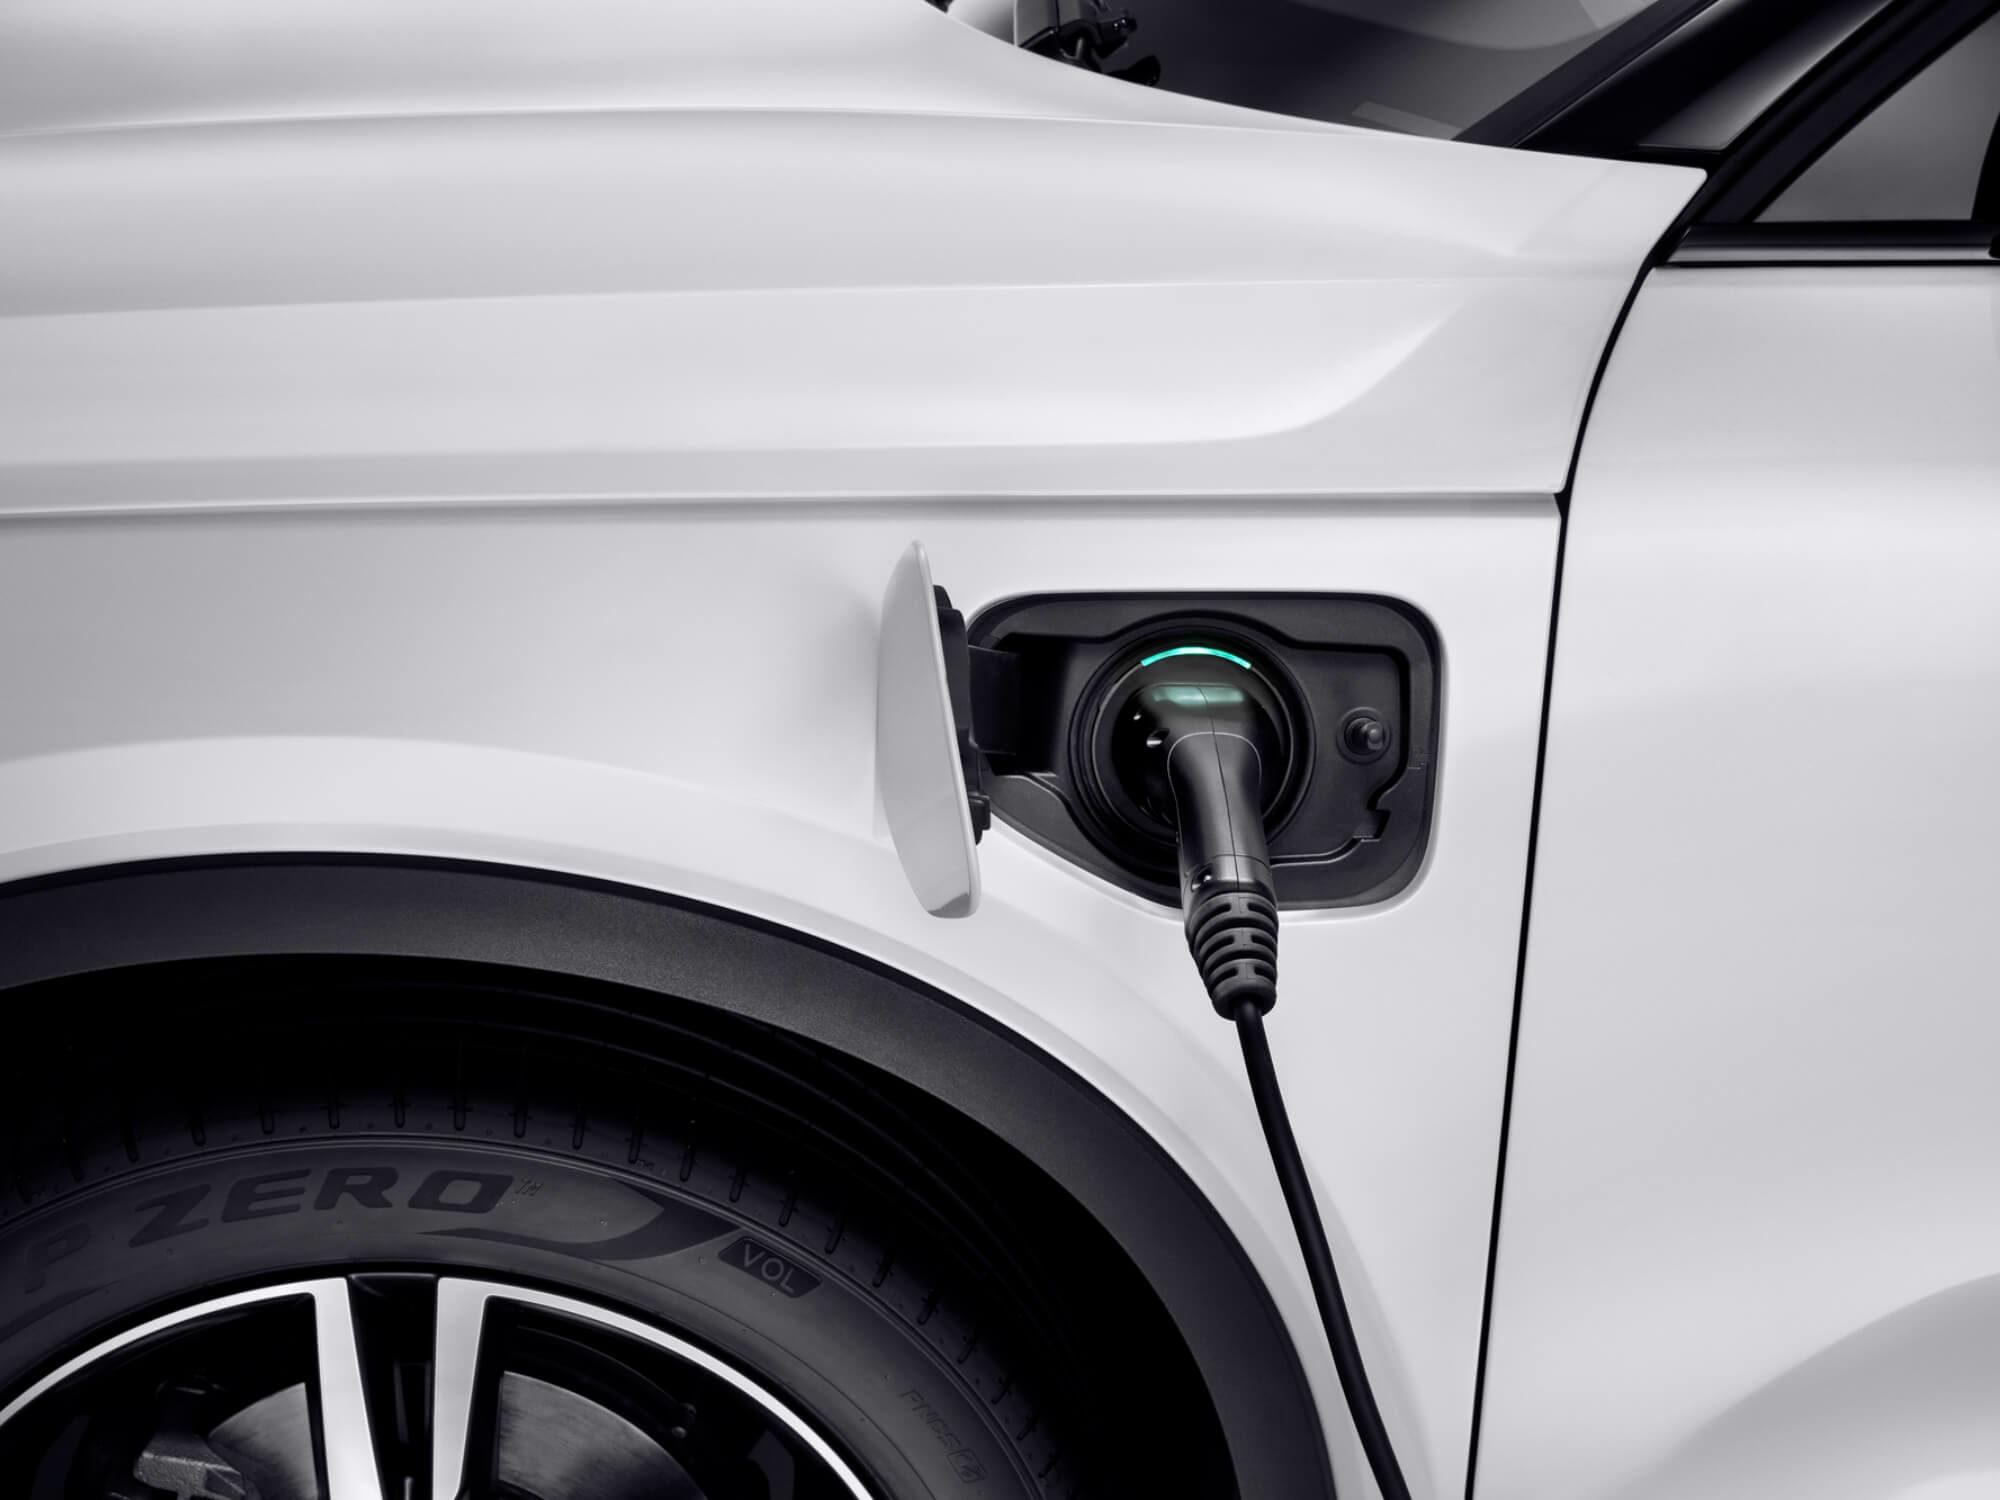 Volvo XC40 Plug-in Hybride aan het opladen